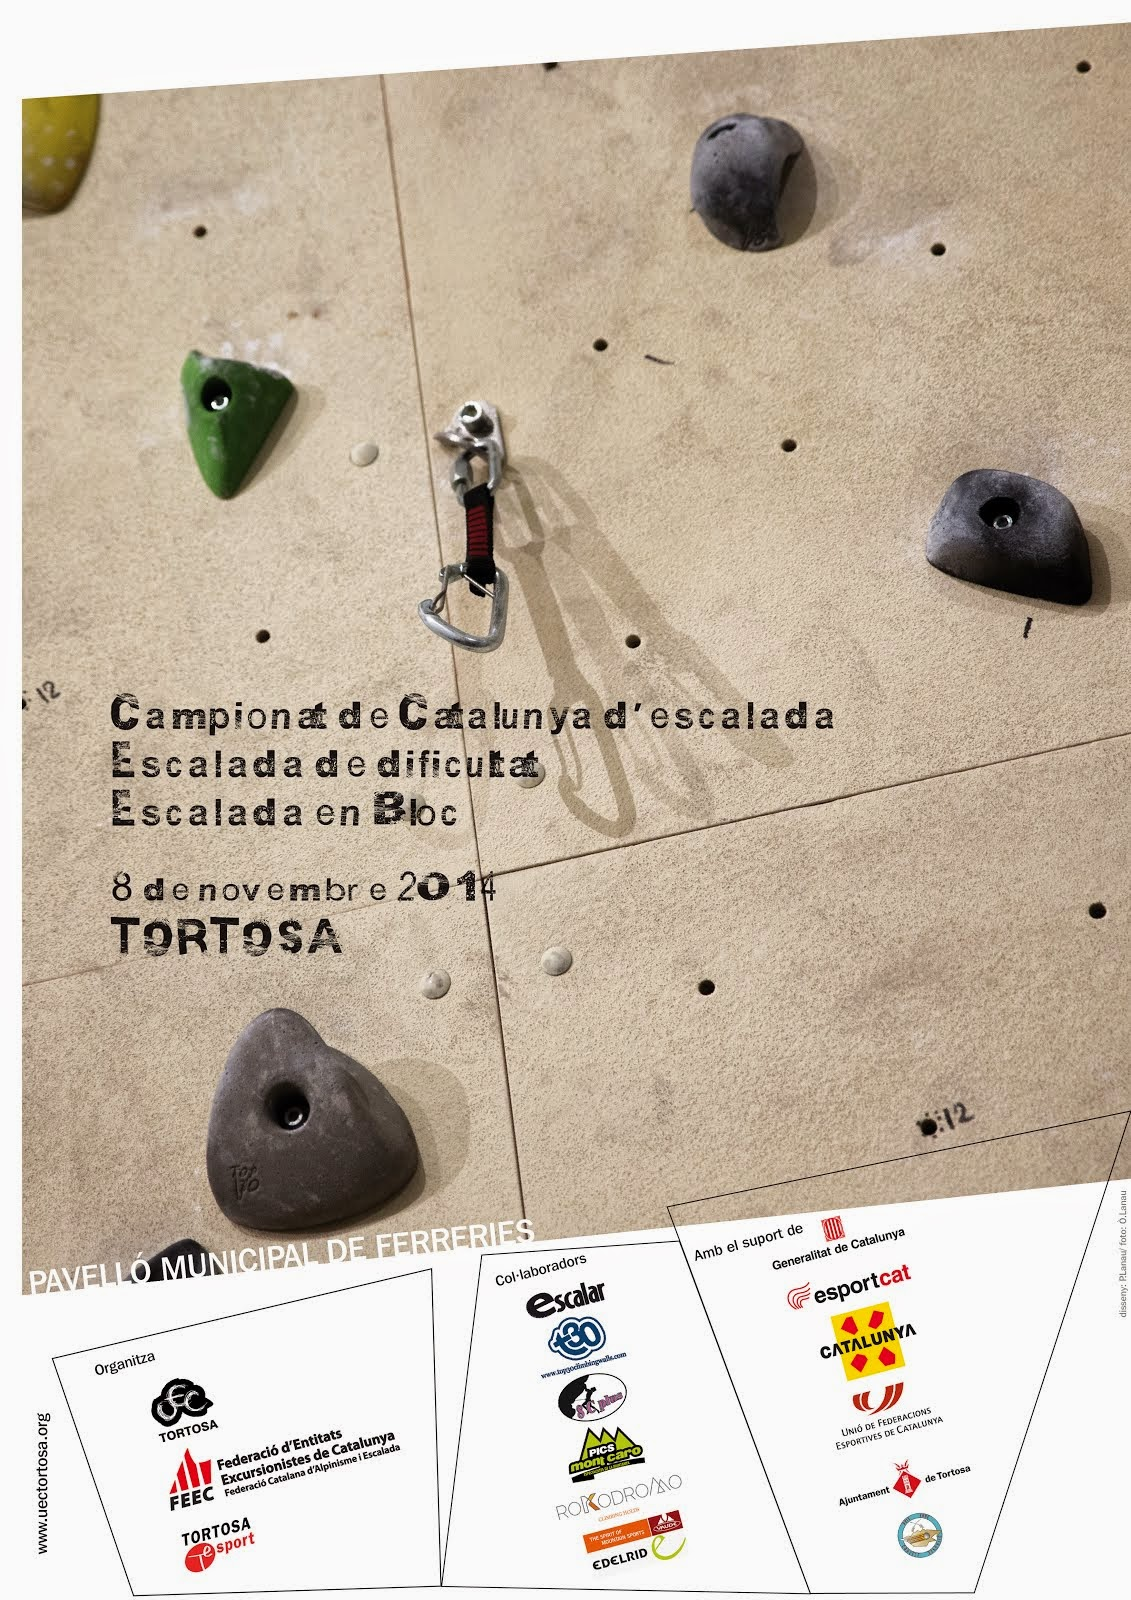 CAMPIONAT DE CATALUNYA D'ESCALADA